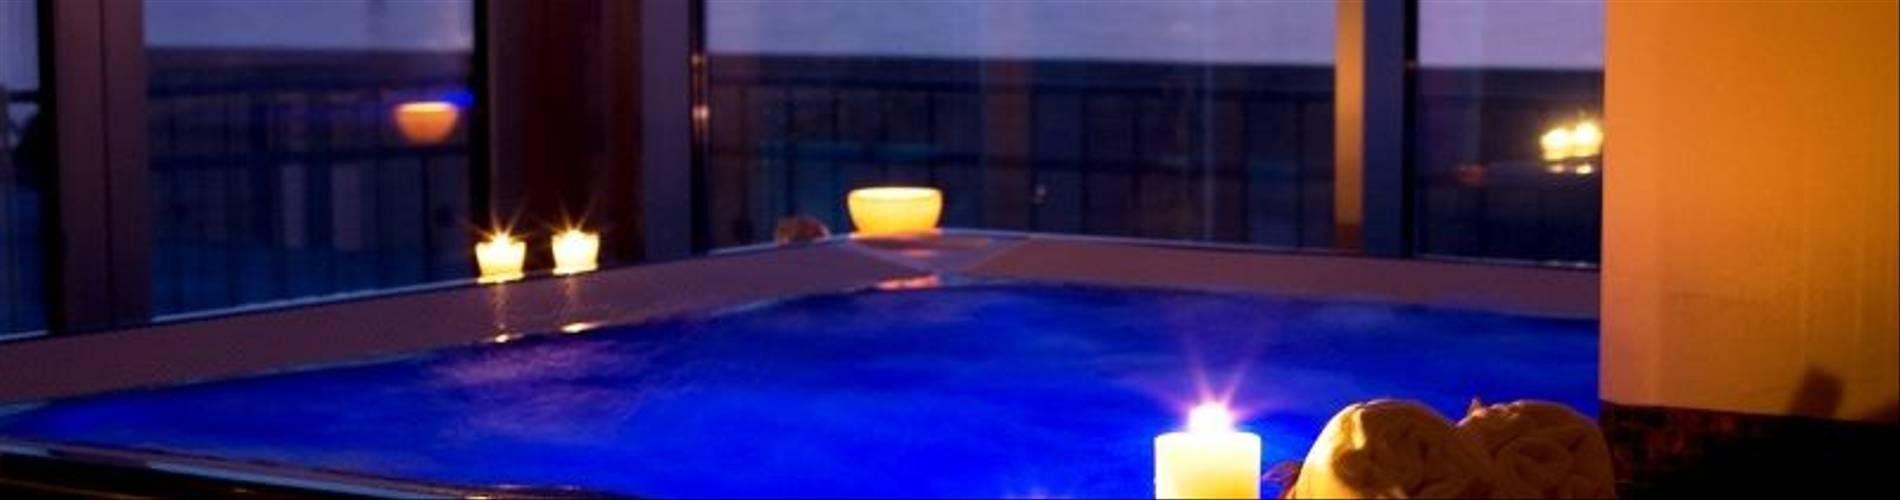 Spa-jacuzzi-bath-PAlazzo.jpg